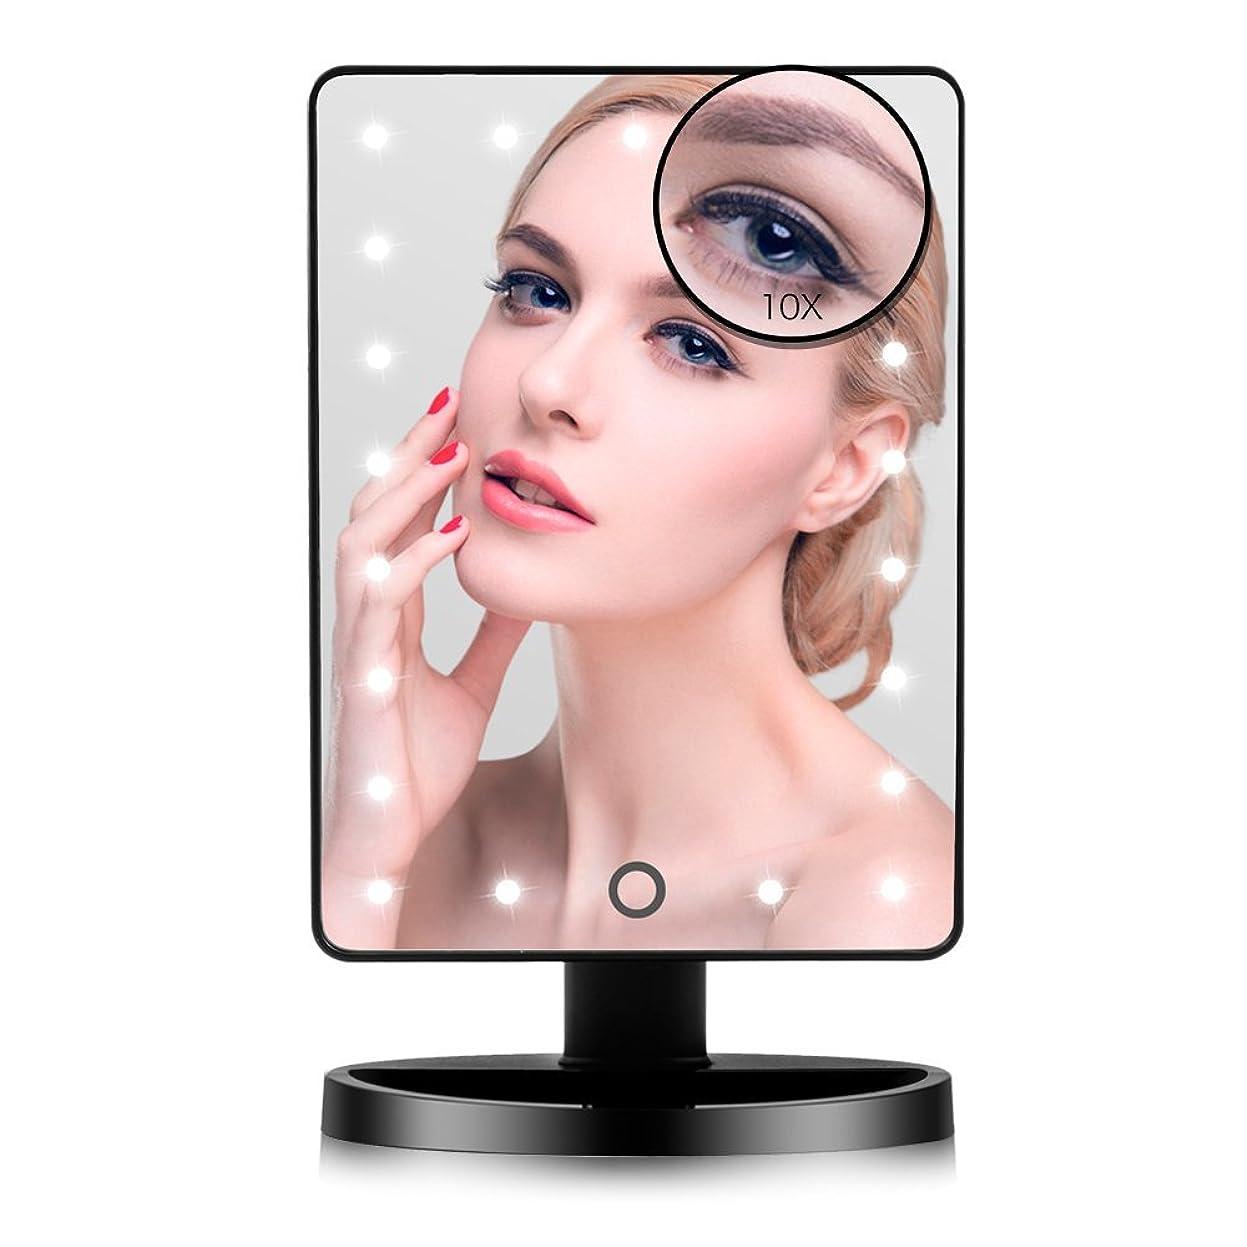 支払いライター控える化粧鏡 卓上鏡 化粧ミラー 鏡 女優ミラー 卓上 21 led 拡大鏡 10倍 明るさ調節可能 180°回転 電池給電(Black)